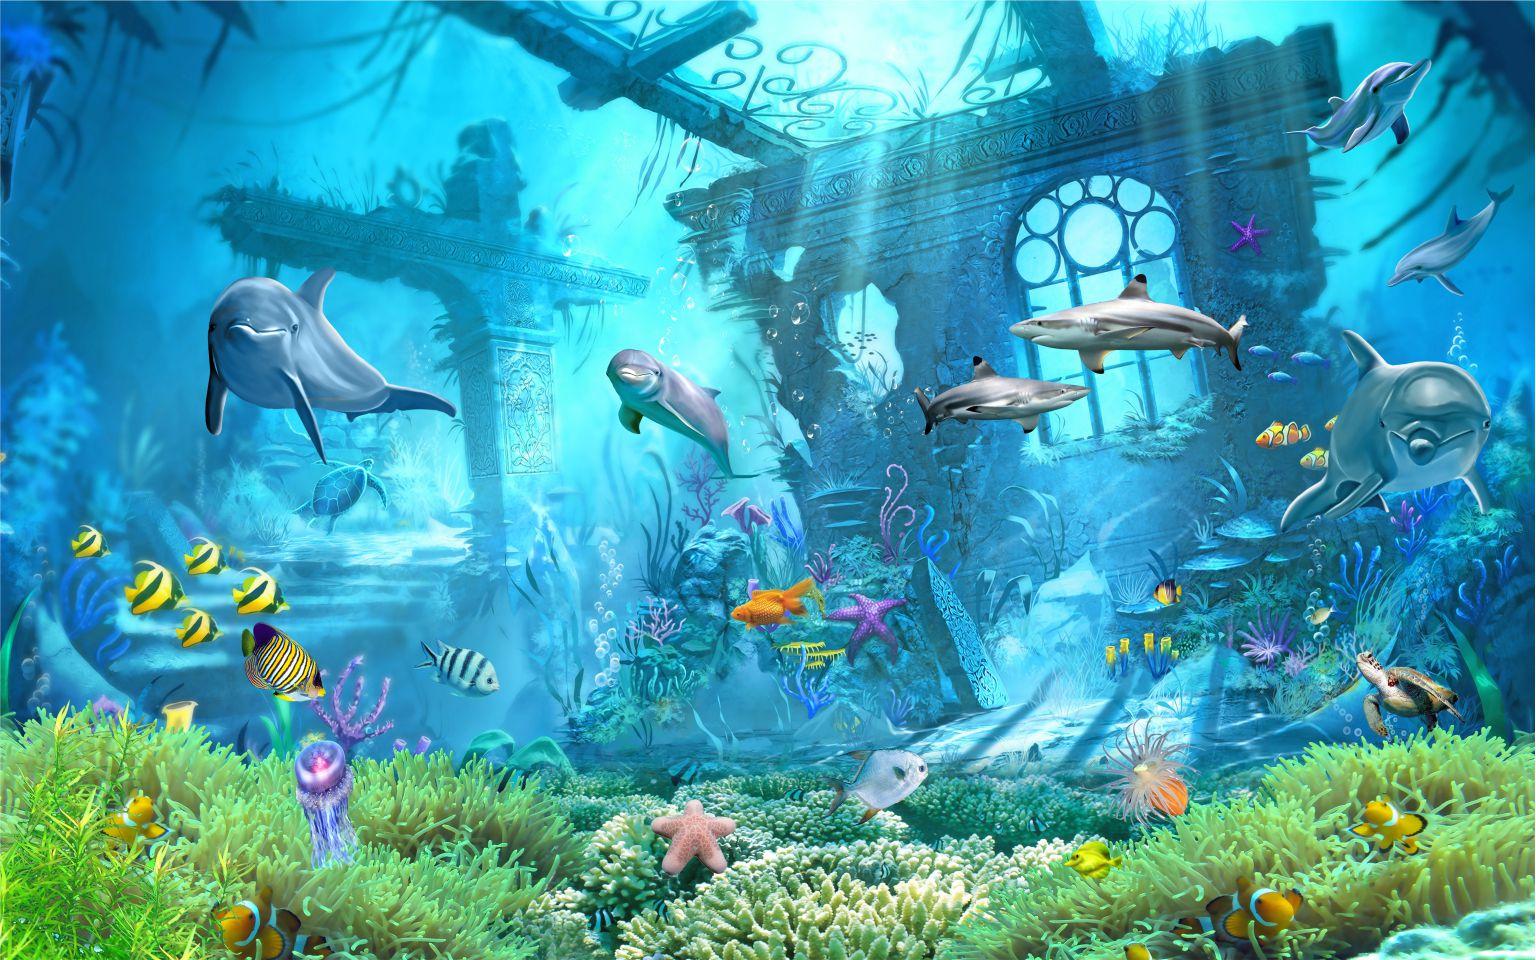 Hình 3d đẹp dưới đại dương